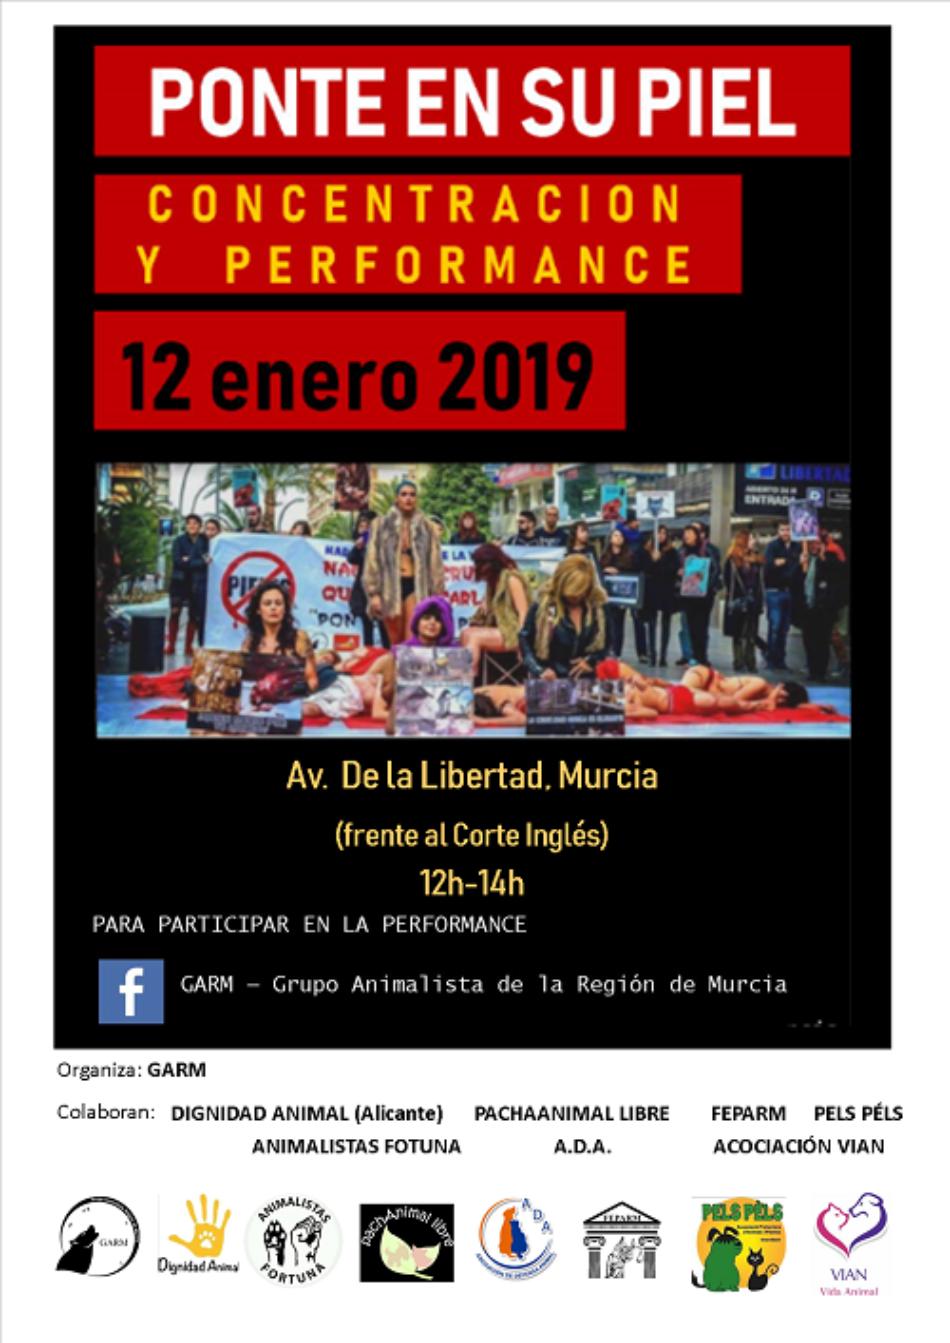 Colectivos y asociaciones animalistas convocan una concentración y una performance contra la industria peletera frente a El Corte Inglés de Murcia